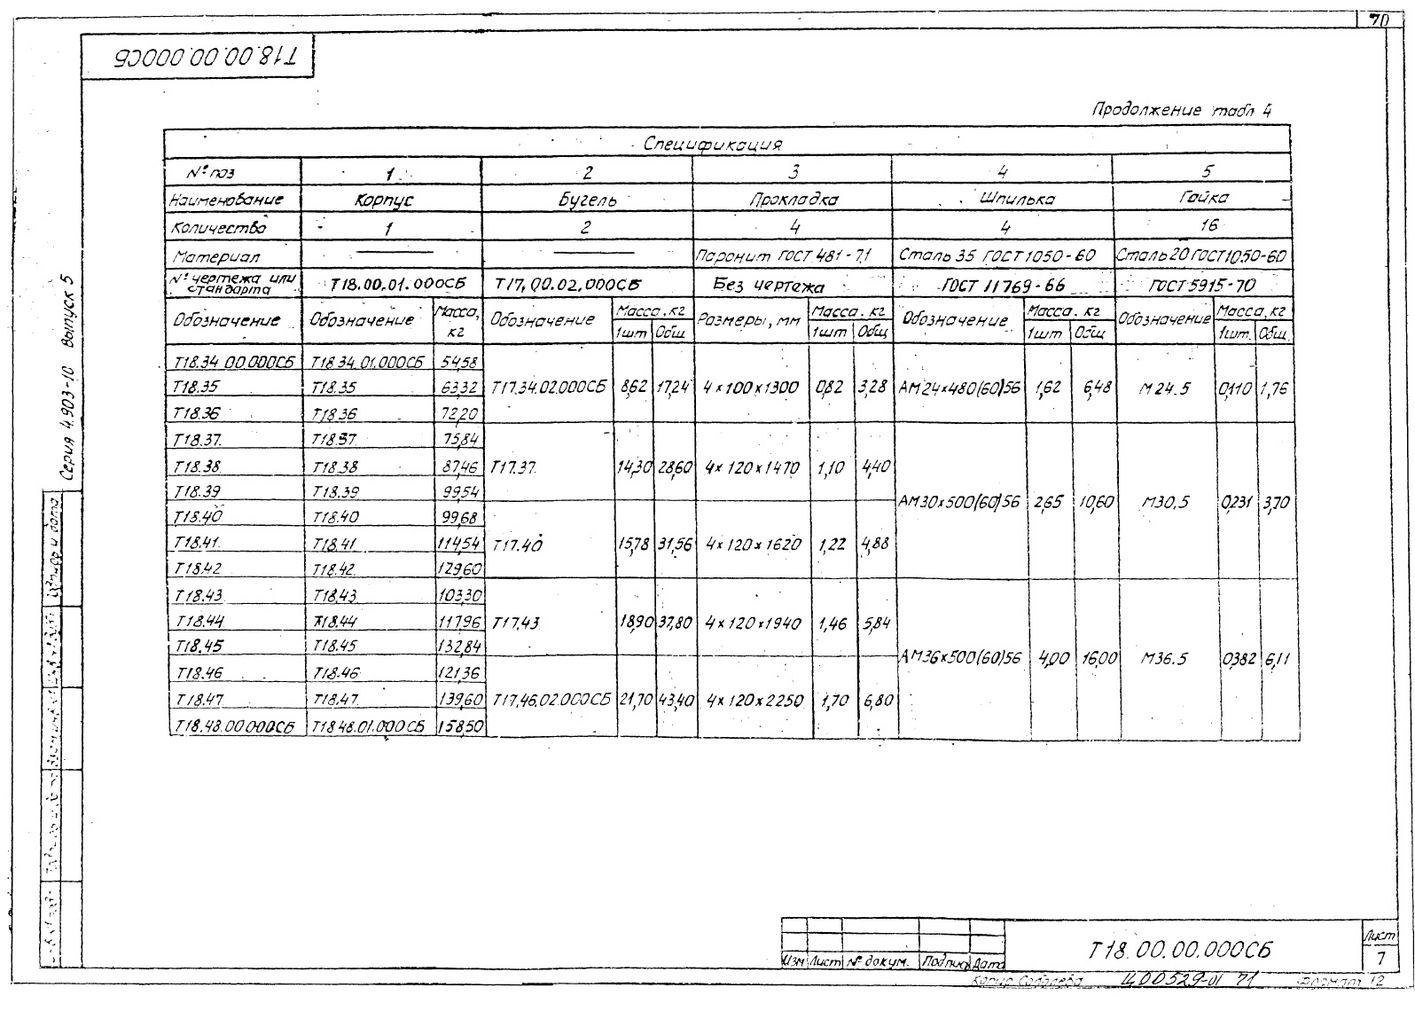 Опоры скользящие диэлектрические Т18 серия 4.903-10 вып.5 стр.7